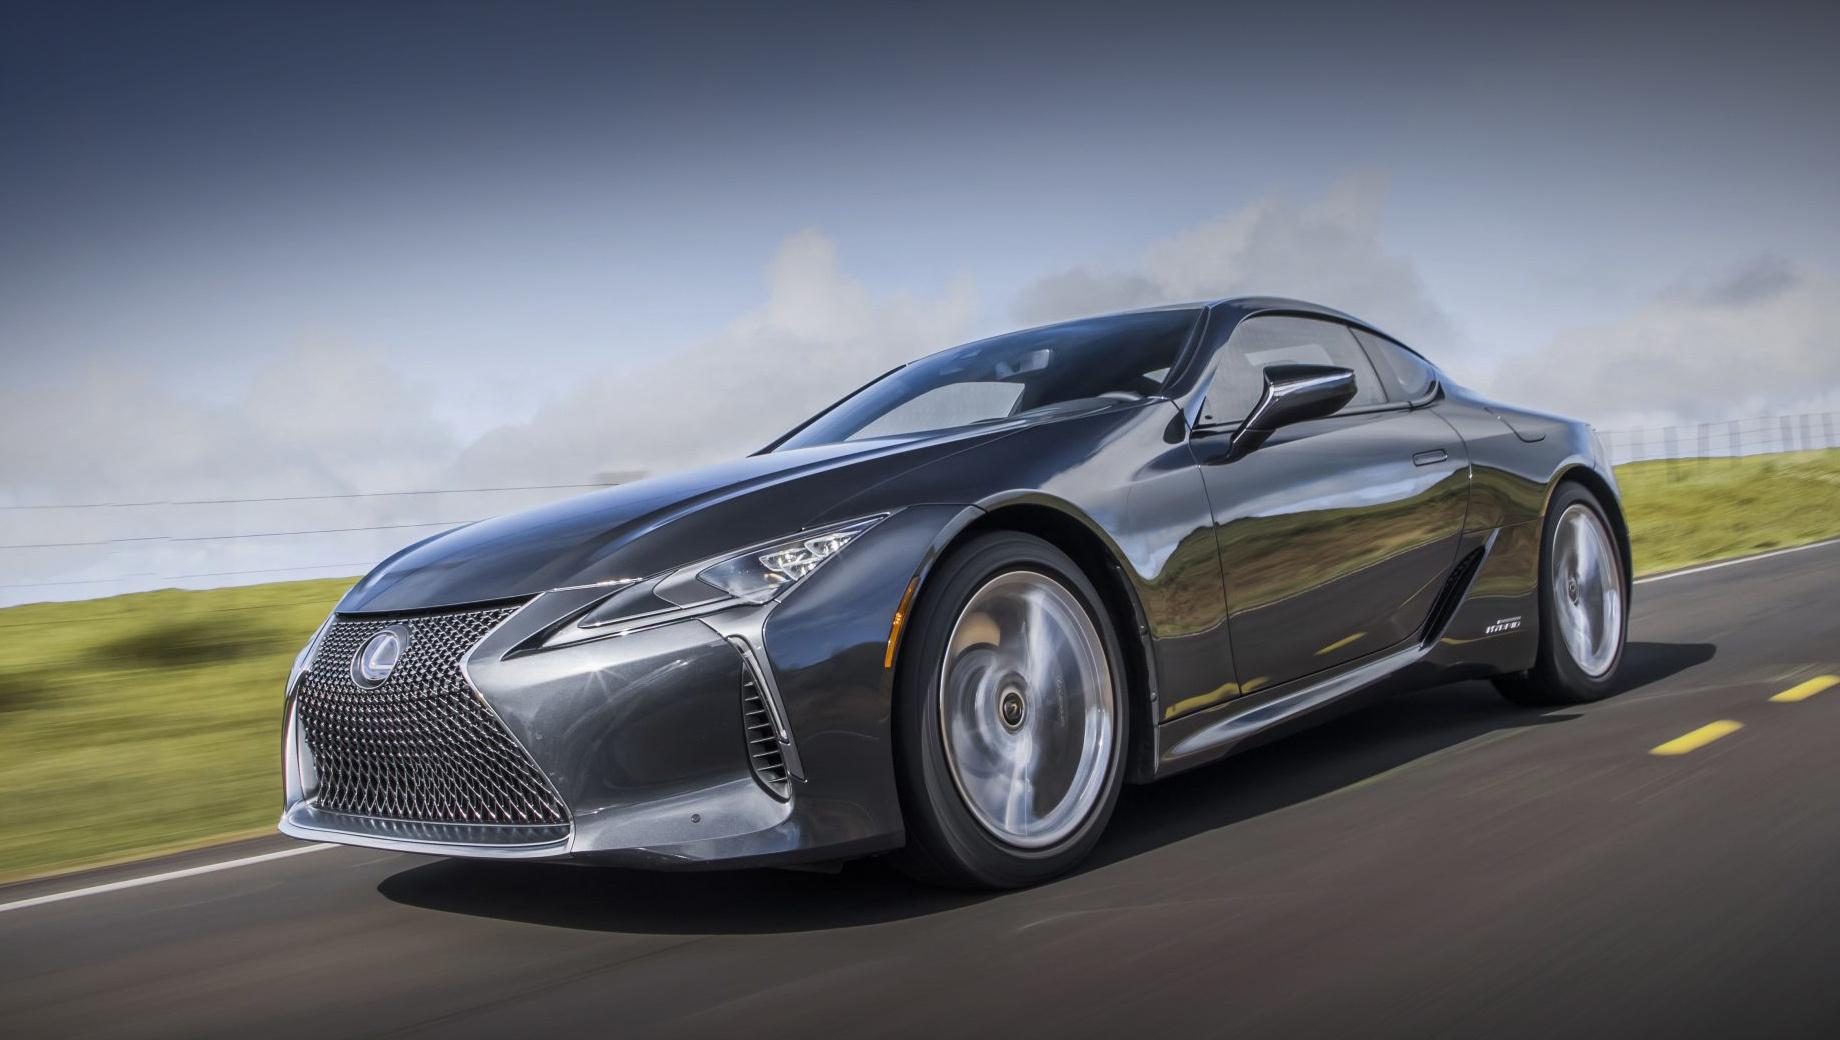 Lexus lc. Пока представлен рестайлинговый Lexus LC только для североамериканского рынка. Старт продаж намечен на вторую половину 2020 года, цены объявят тогда же. Сейчас в США за LC 500 просят $92 950, а за LC 500h — $97 510. У нас же продаётся только версия с V8 за 8 580 000 рублей.